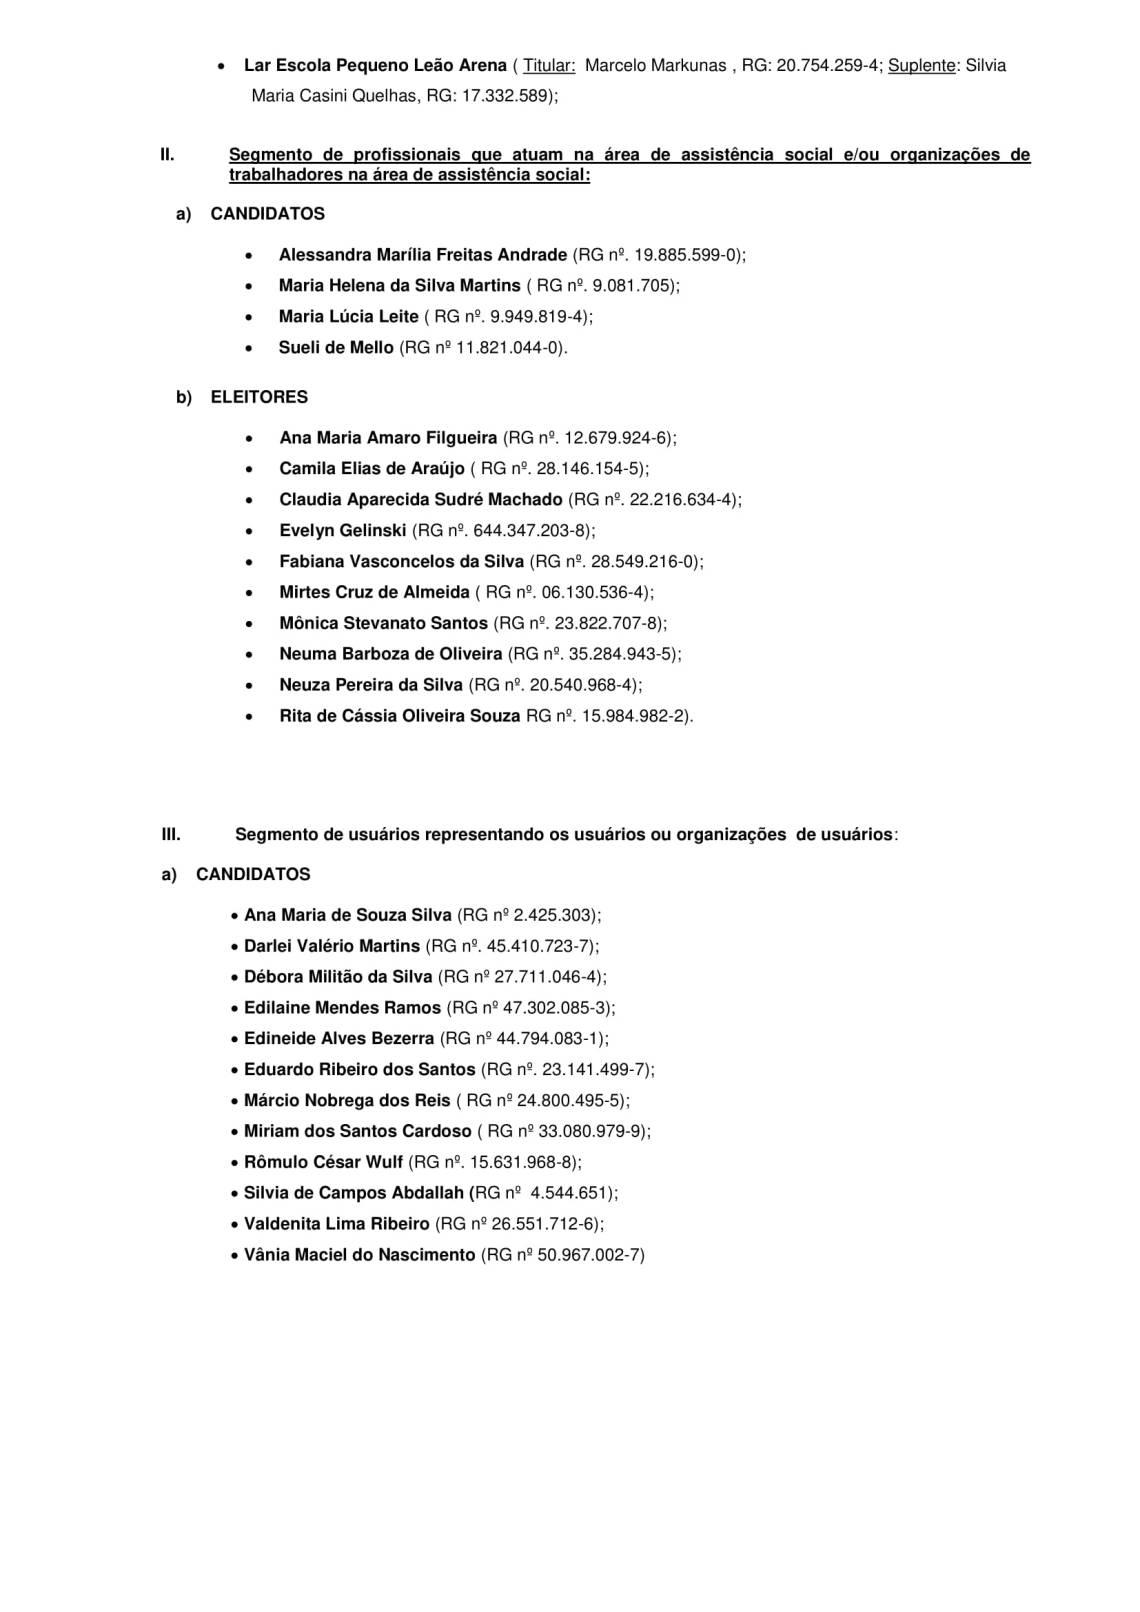 Resolução CMAS 323 15-2